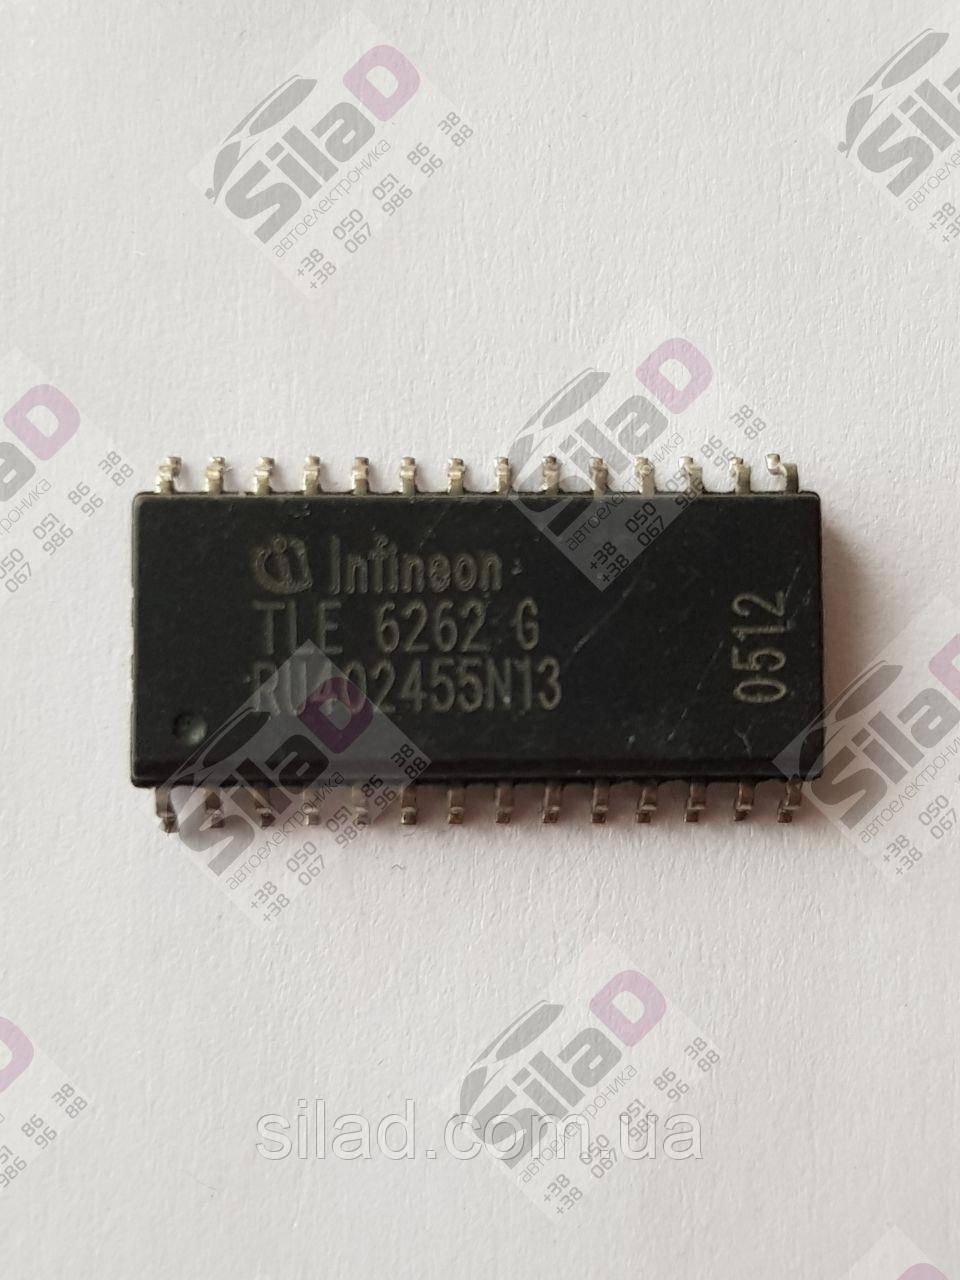 Микросхема TLE6262G Infineon корпус P-DSO-28-6